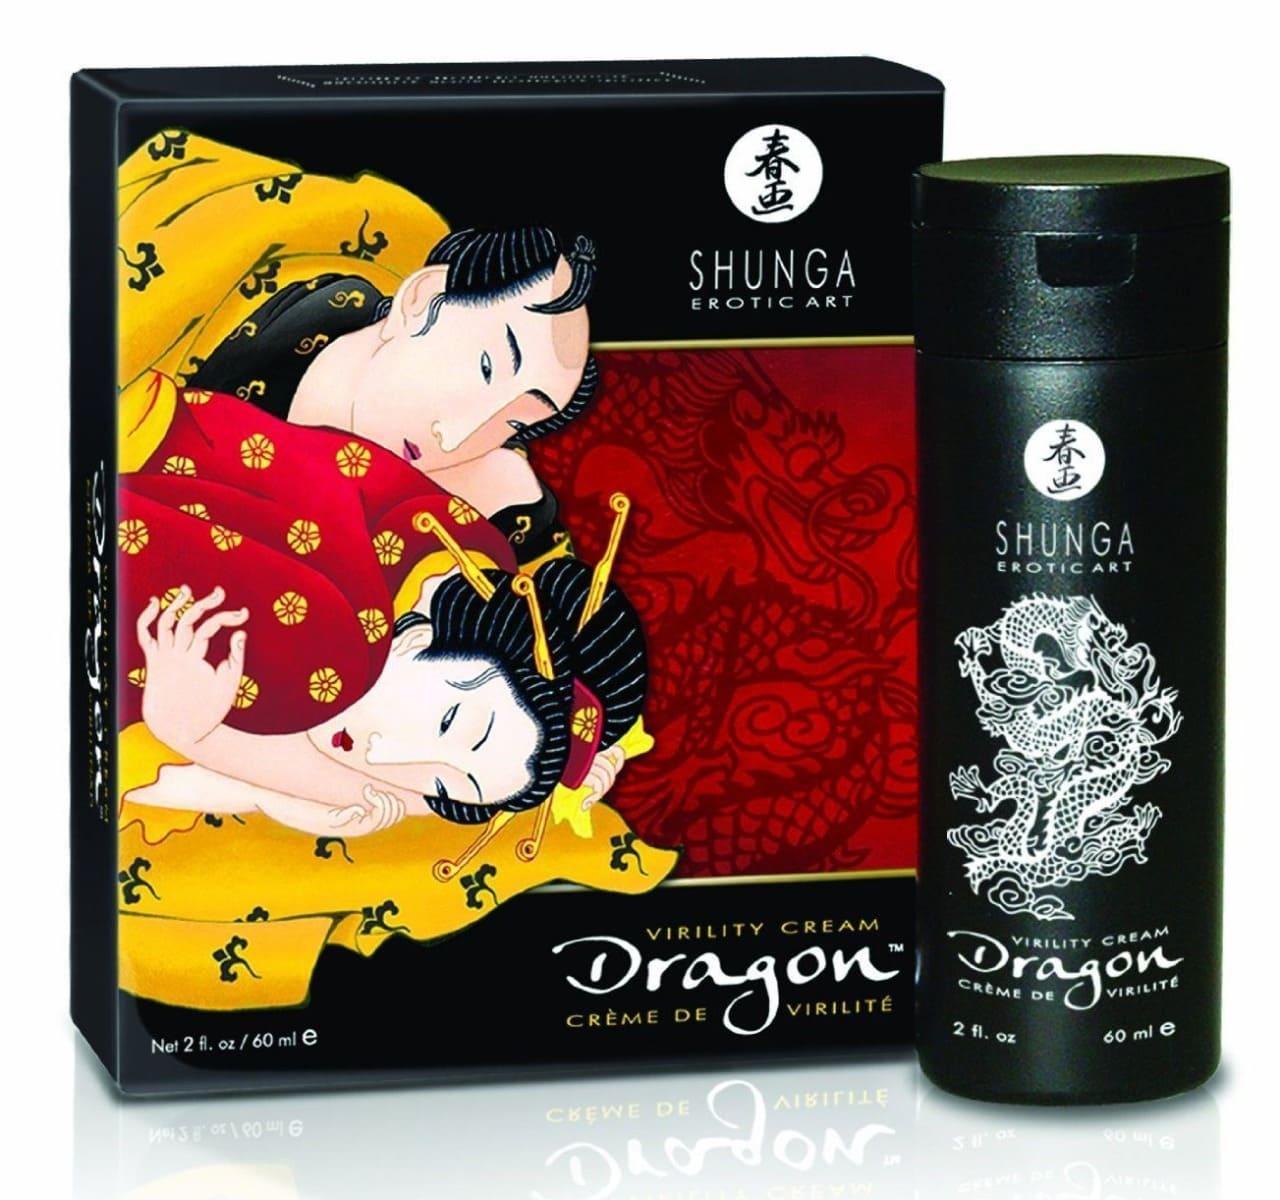 Shunga Dragon Virility Cream –